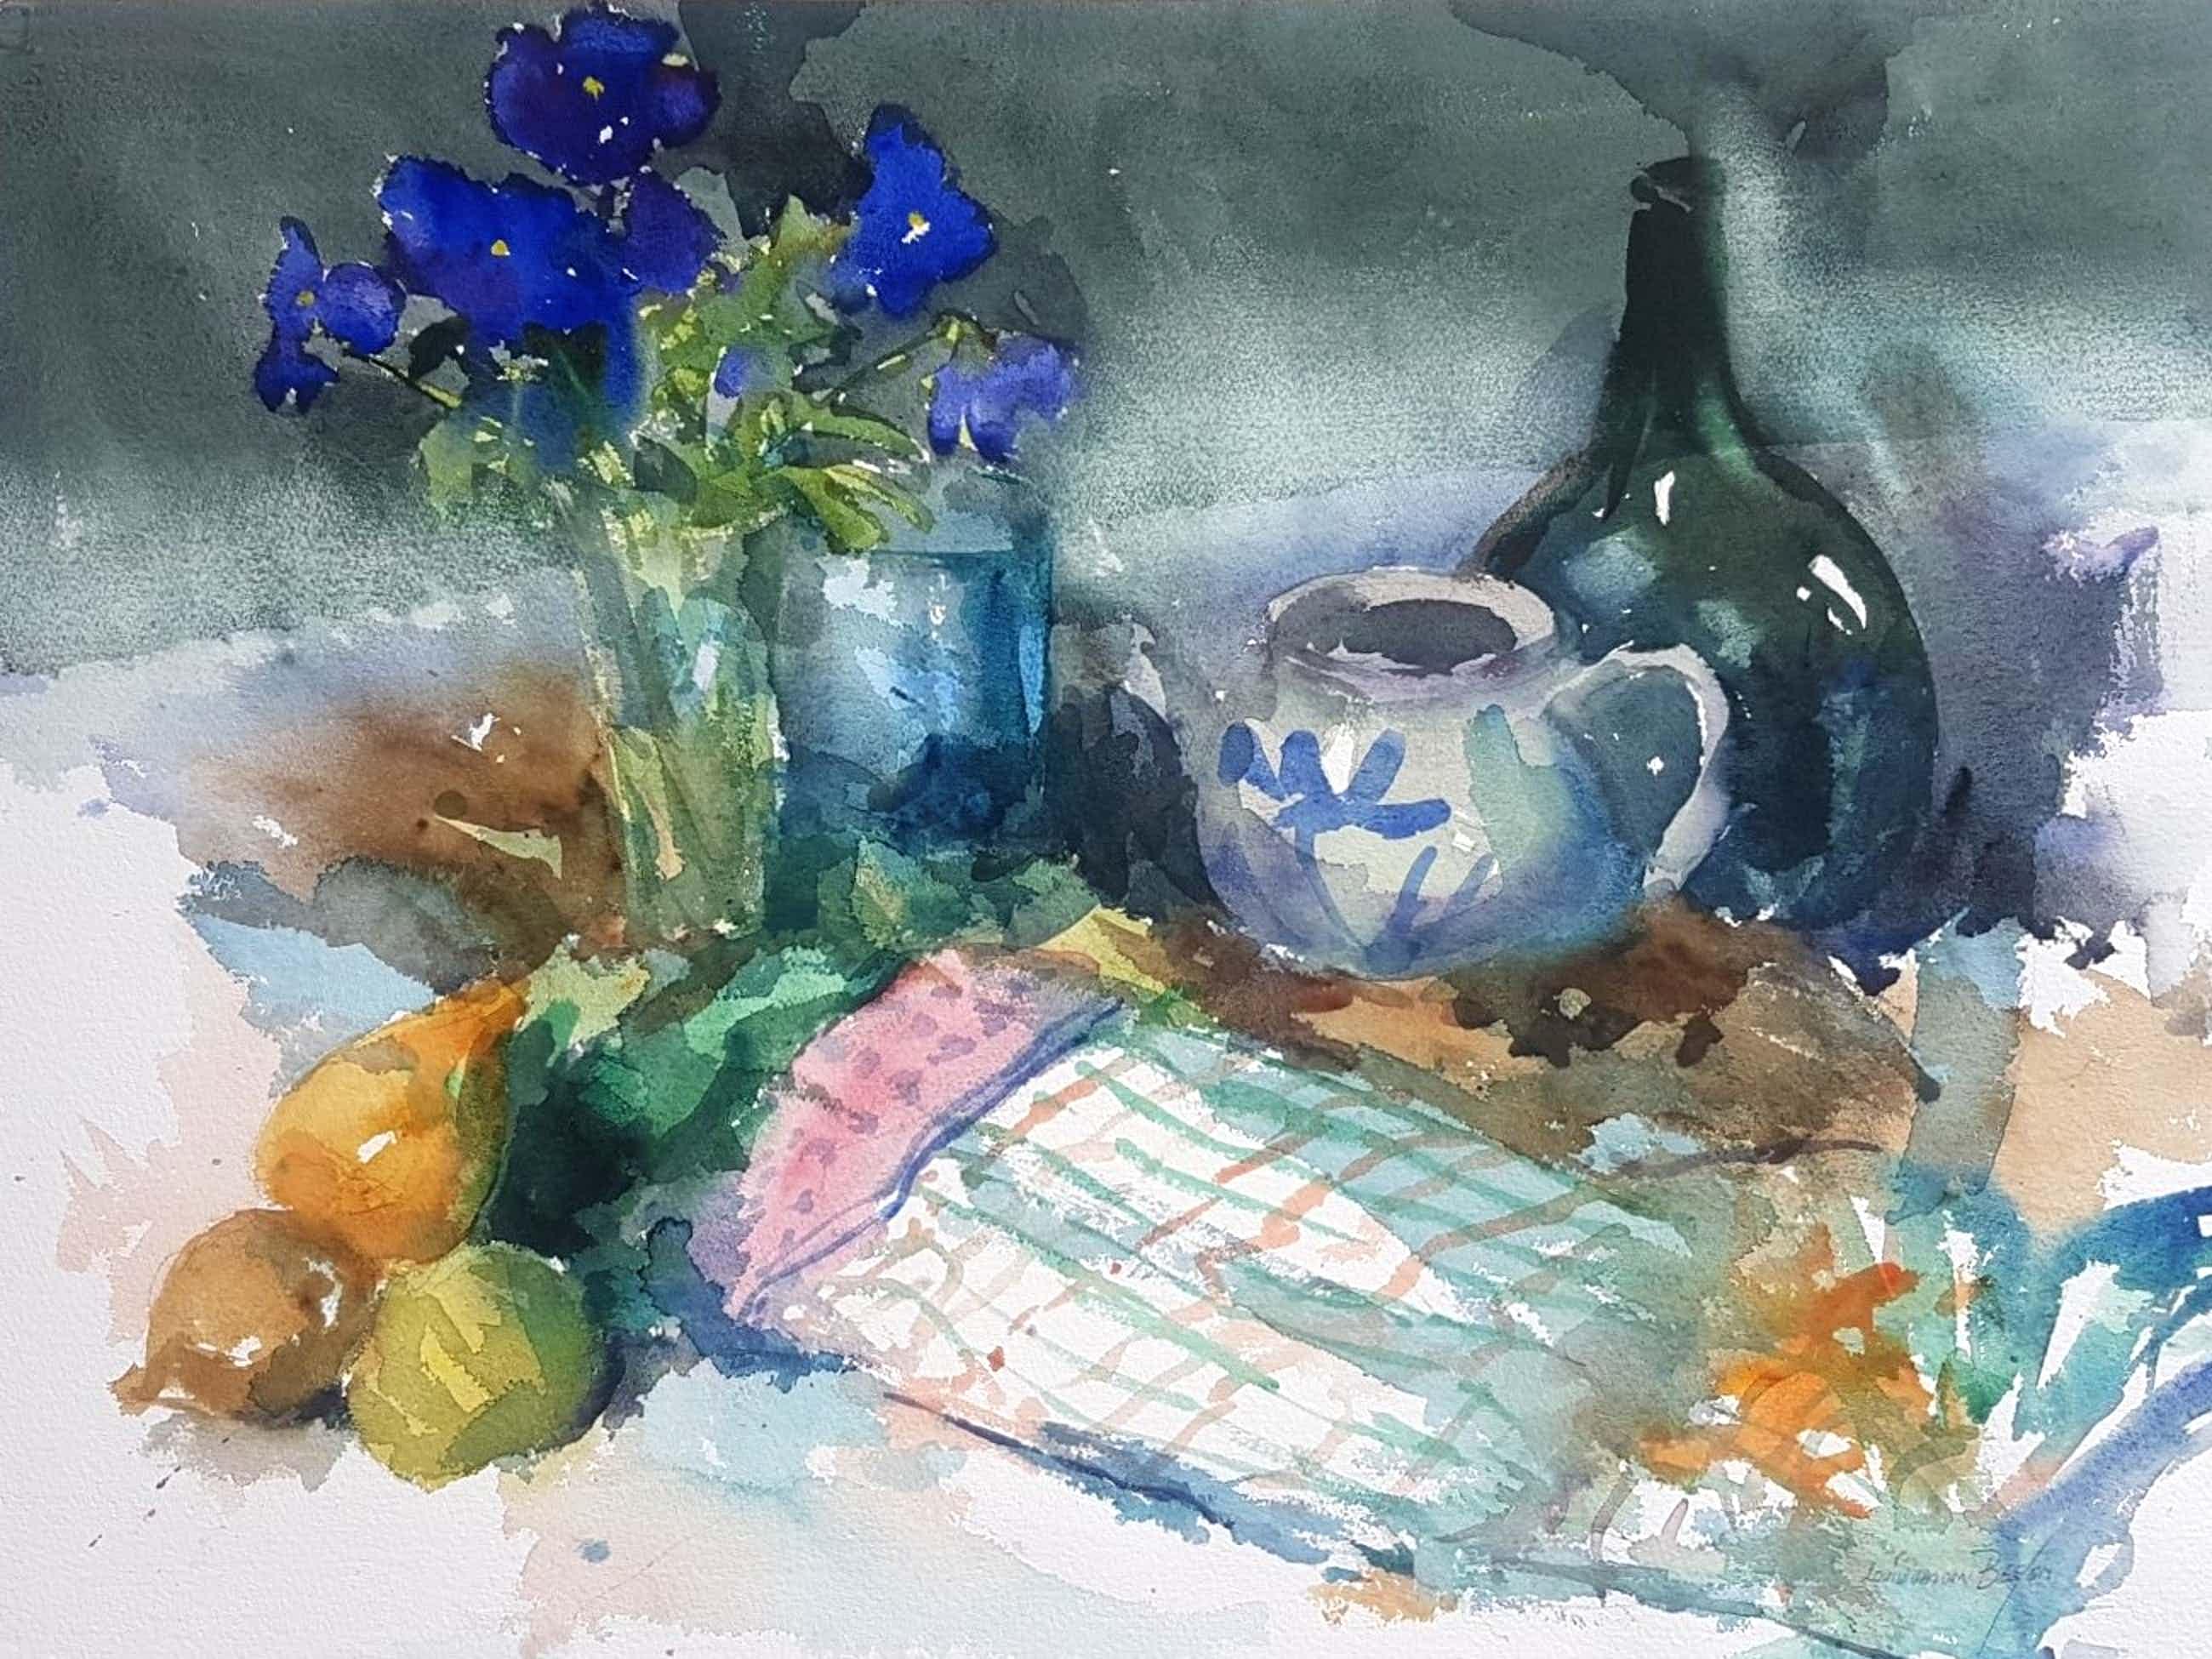 Louis van der Beesen - Stilleven met stenen kruik en blauwe violen kopen? Bied vanaf 75!